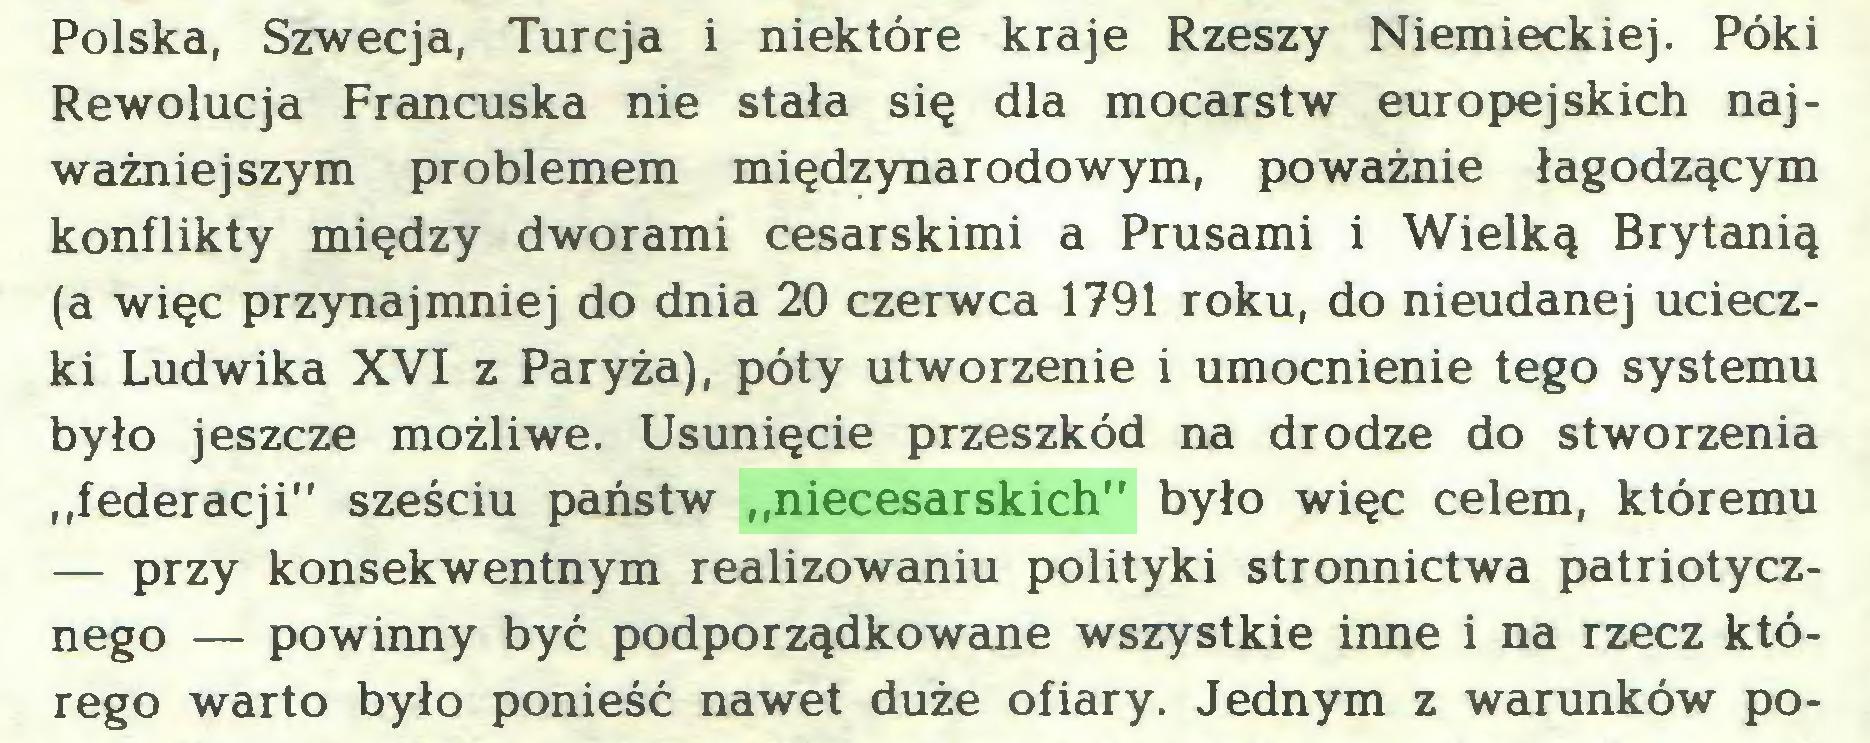 """(...) Polska, Szwecja, Turcja i niektóre kraje Rzeszy Niemieckiej. Póki Rewolucja Francuska nie stała się dla mocarstw europejskich najważniejszym problemem międzynarodowym, poważnie łagodzącym konflikty między dworami cesarskimi a Prusami i Wielką Brytanią (a więc przynajmniej do dnia 20 czerwca 1791 roku, do nieudanej ucieczki Ludwika XVI z Paryża), poty utworzenie i umocnienie tego systemu było jeszcze możliwe. Usunięcie przeszkód na drodze do stworzenia """"federacji"""" sześciu państw """"niecesarskich"""" było więc celem, któremu — przy konsekwentnym realizowaniu polityki stronnictwa patriotycznego — powinny być podporządkowane wszystkie inne i na rzecz którego warto było ponieść nawet duże ofiary. Jednym z warunków po..."""